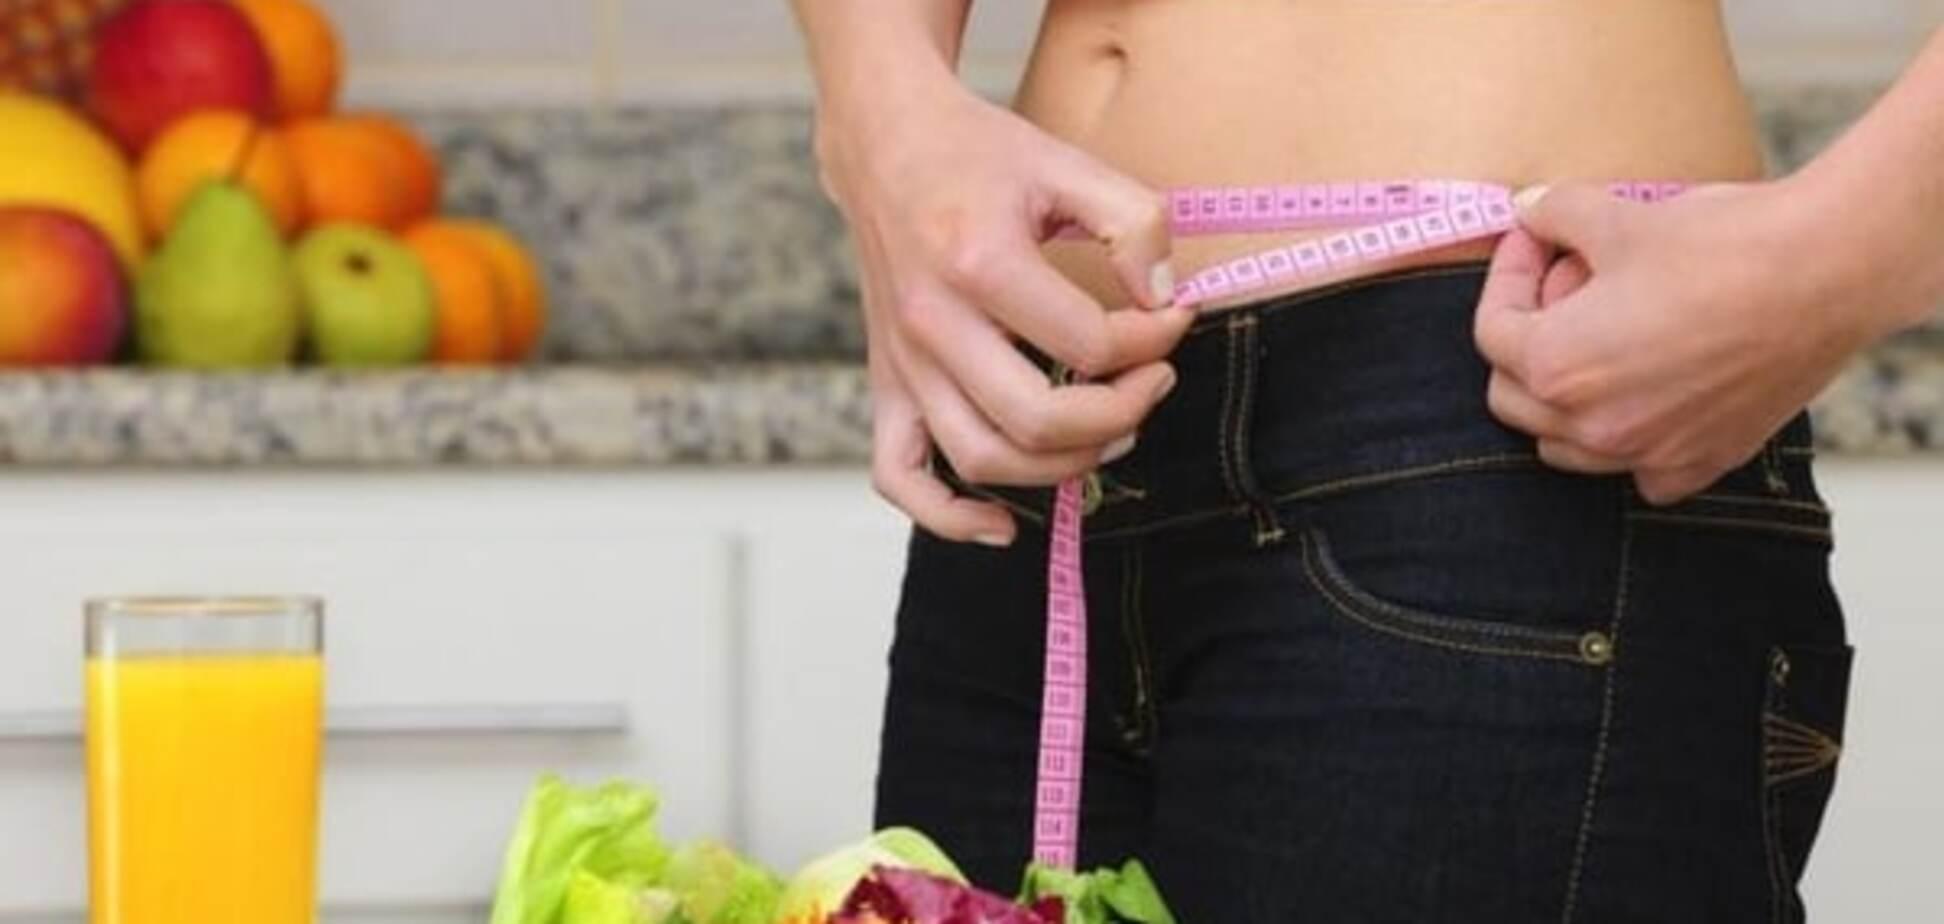 Ученые предложили новый эффективный способ для похудения